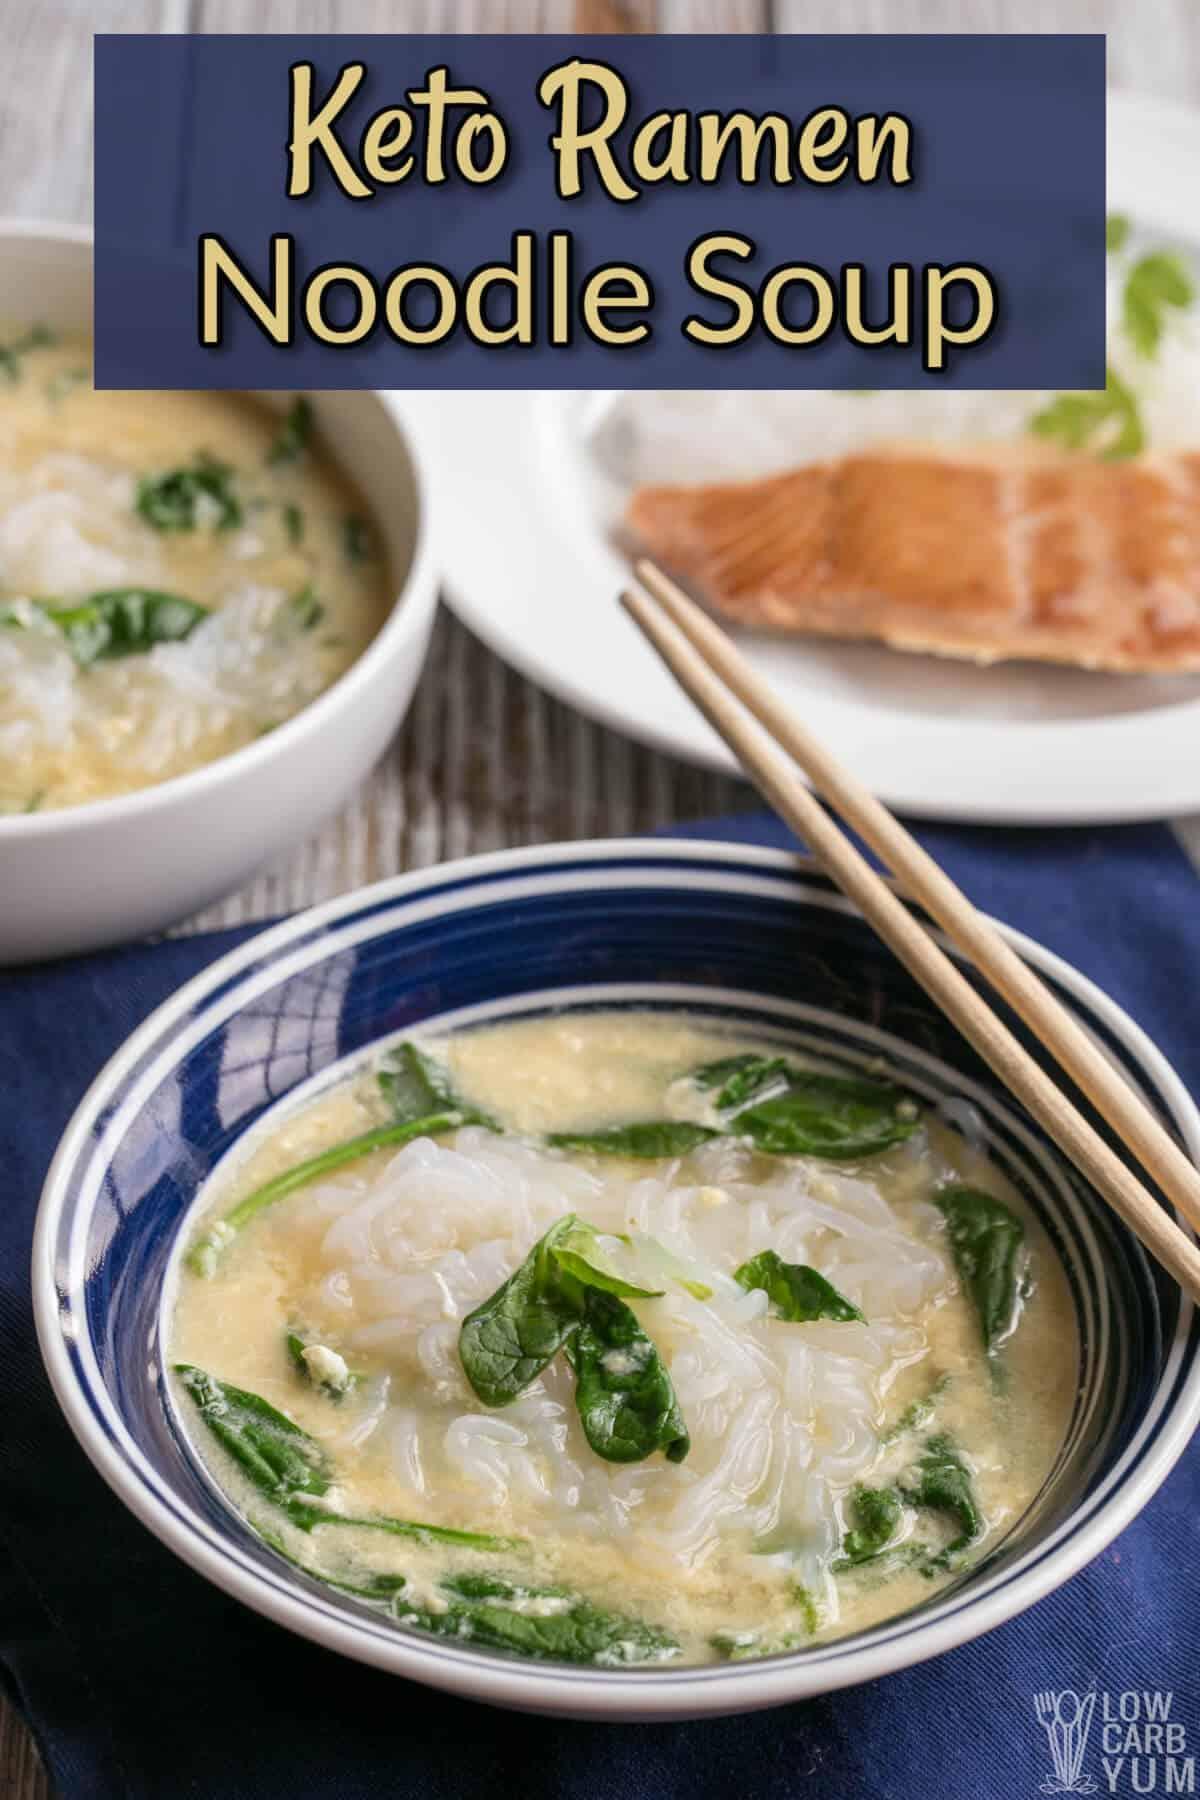 keto ramen noodle soup cover image